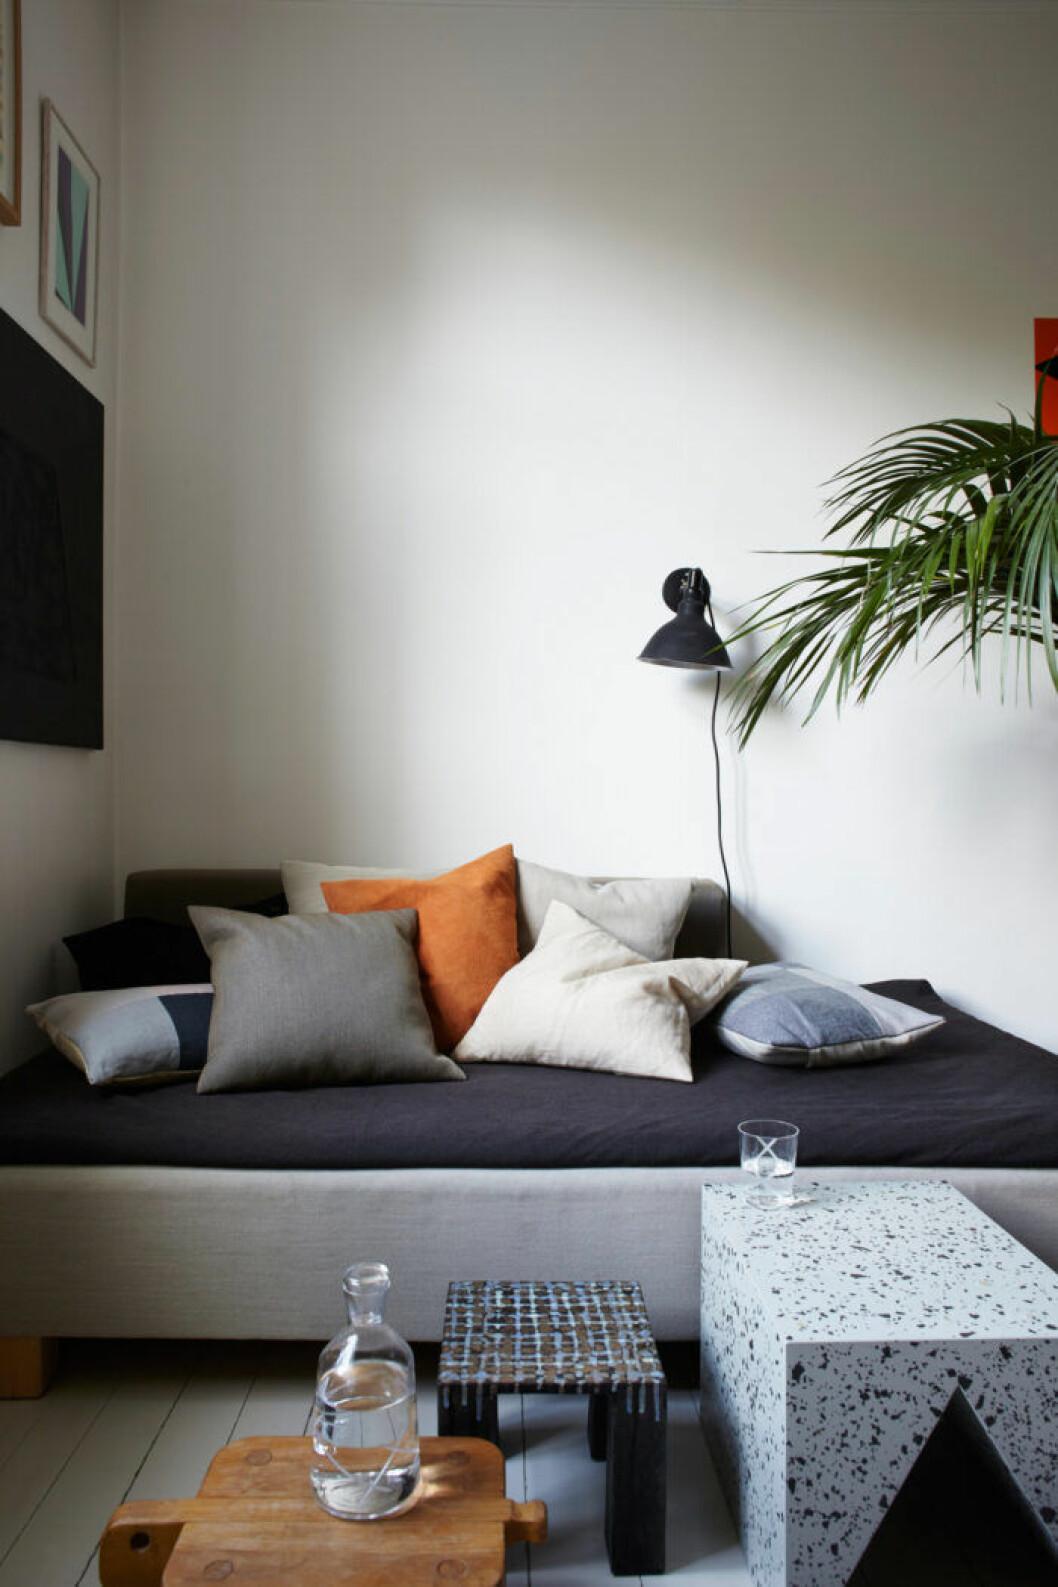 Soffa och lampa fyndade på loppis